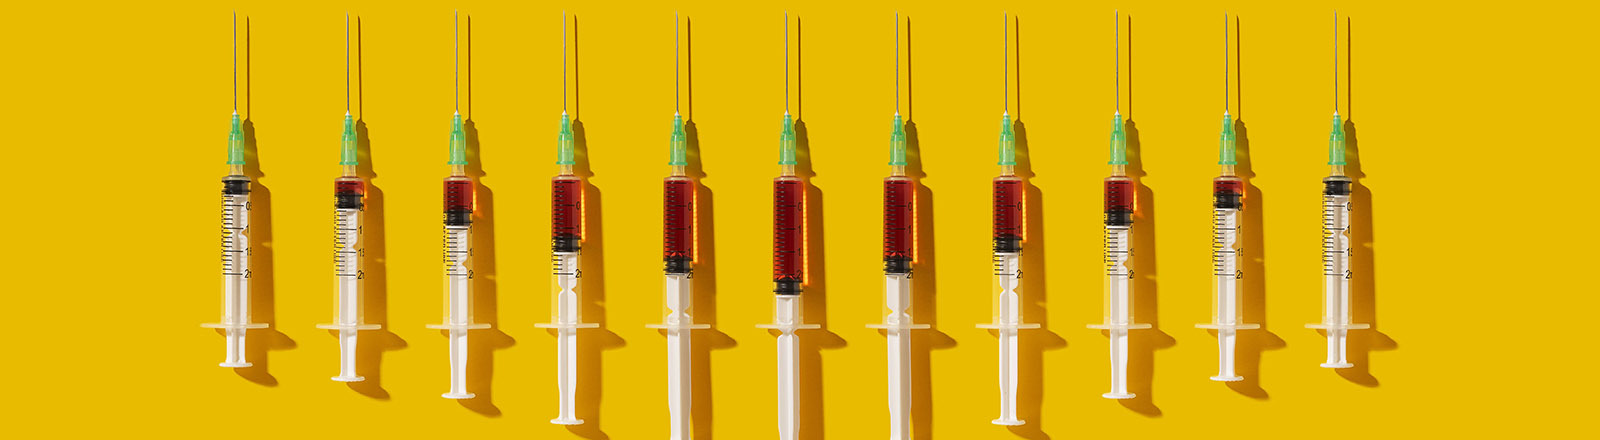 Spritzen mit einem Impfstoff.